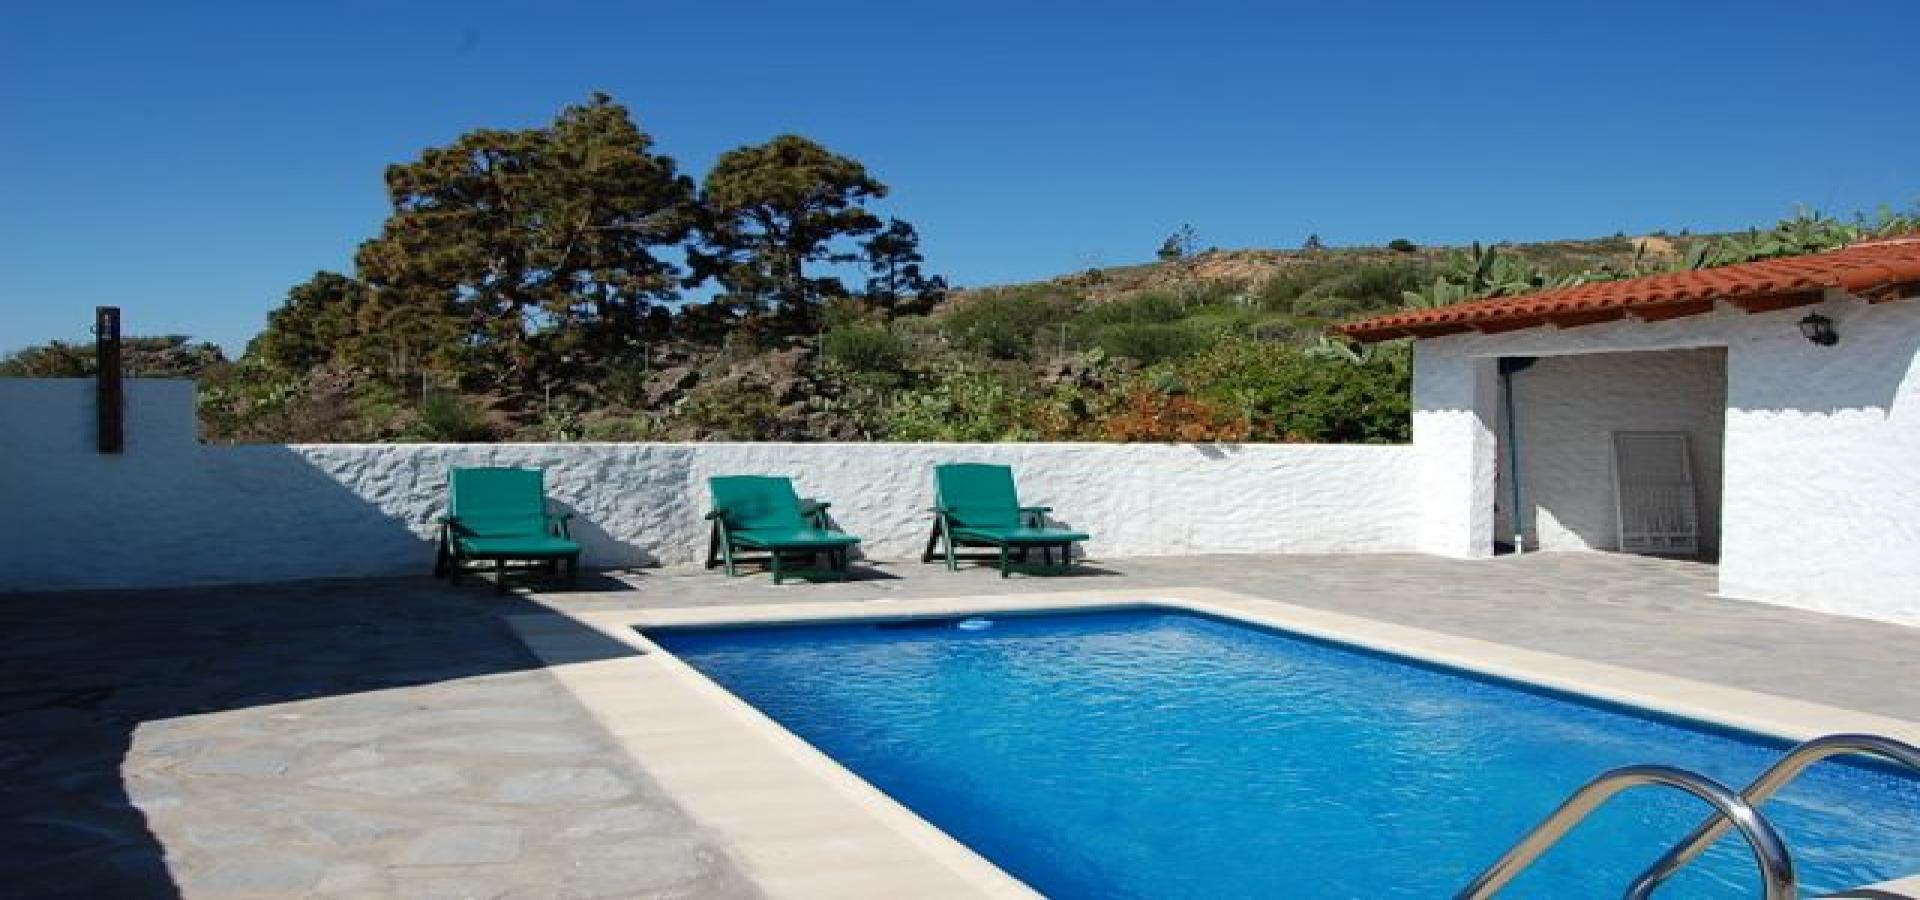 Casas de vacaciones en canarias - Vacaciones en casa ...